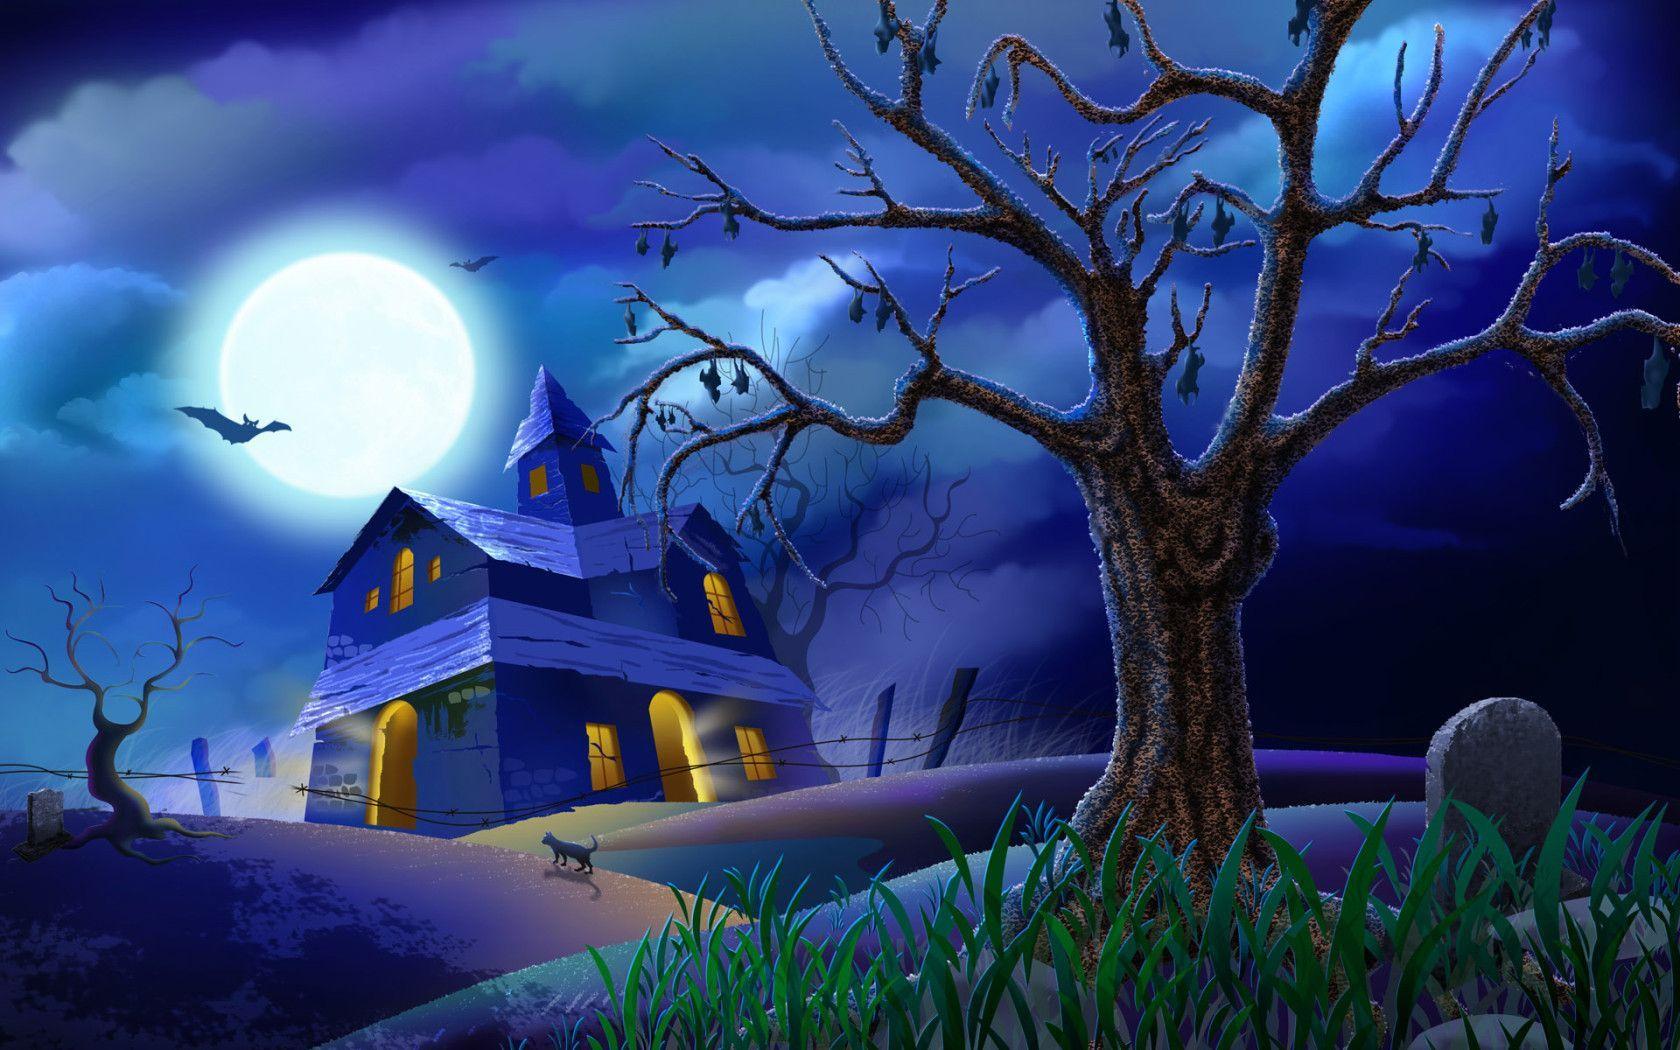 Halloween Free Desktop Wallpapers - Wallpaper Cave